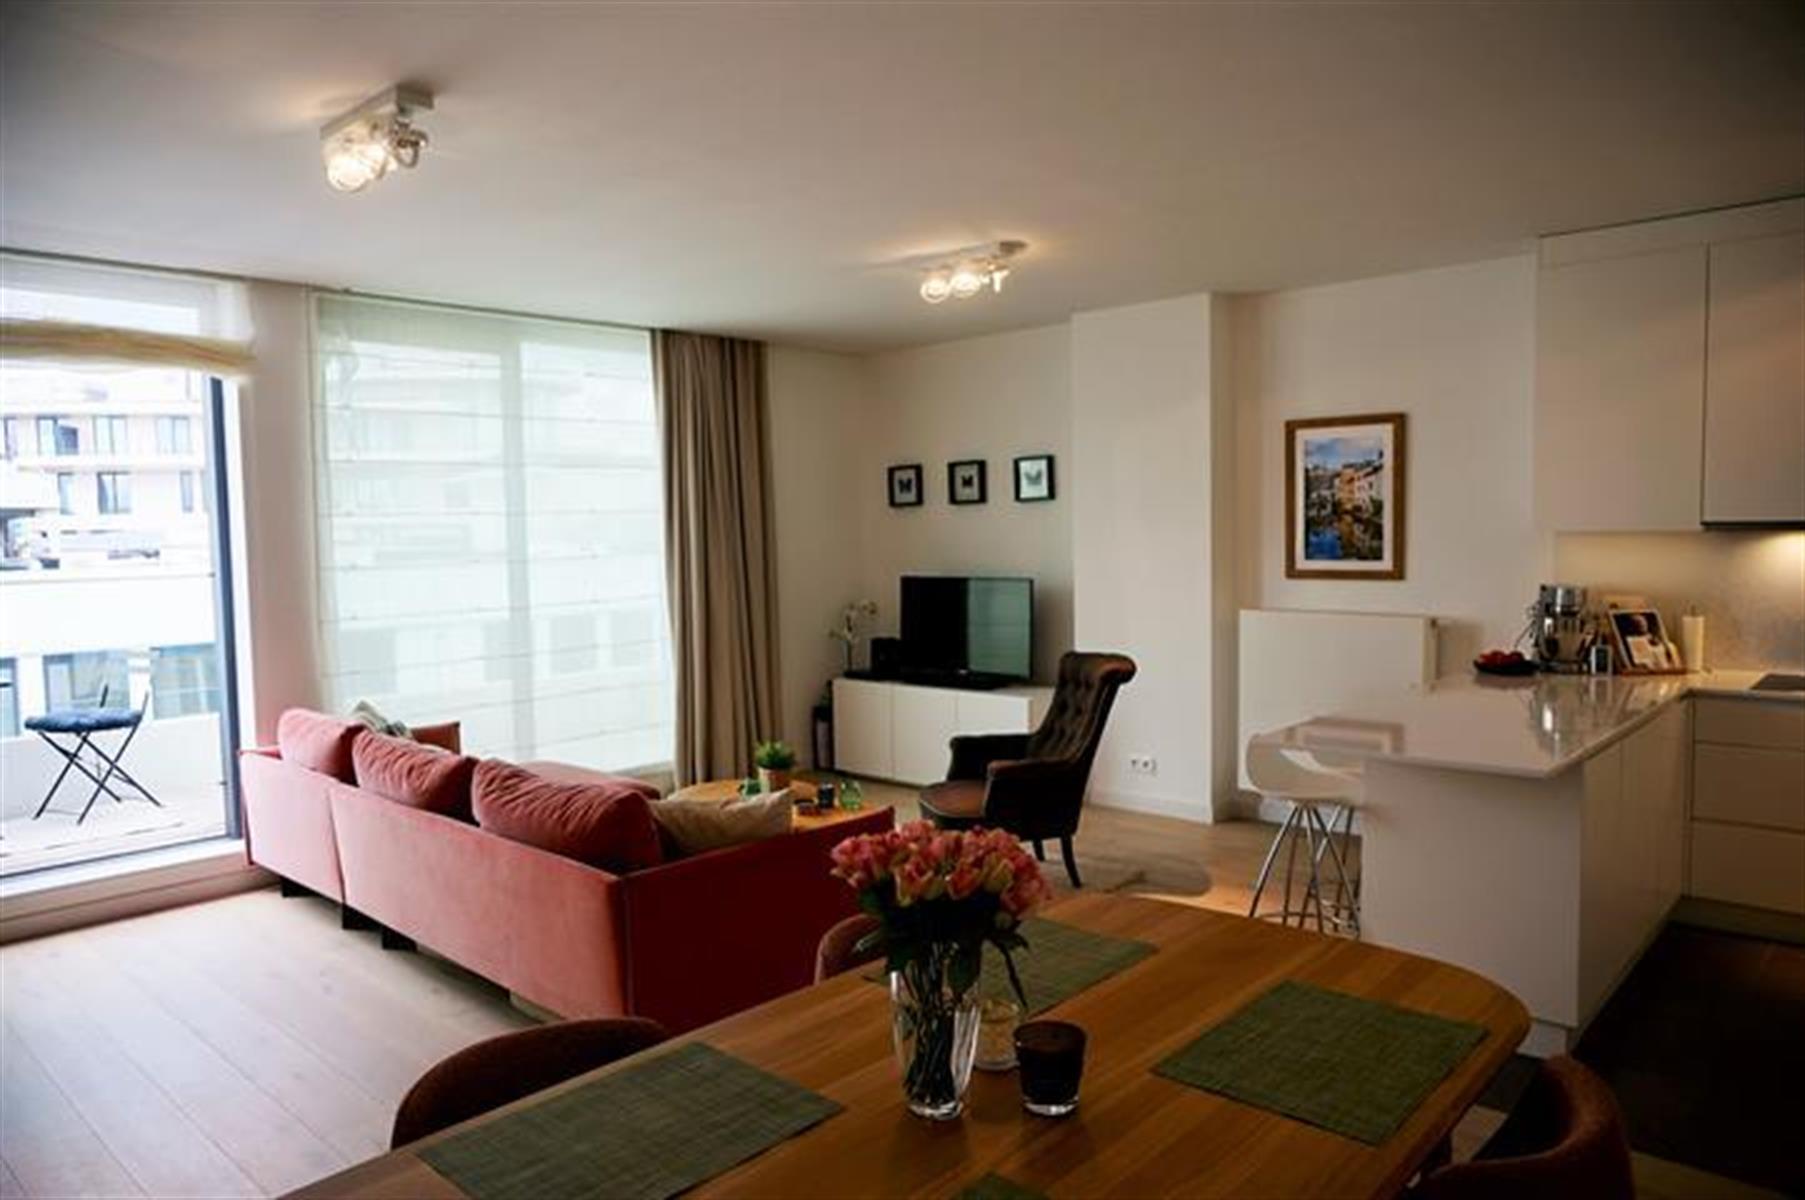 Flat - Ixelles - #4499294-0